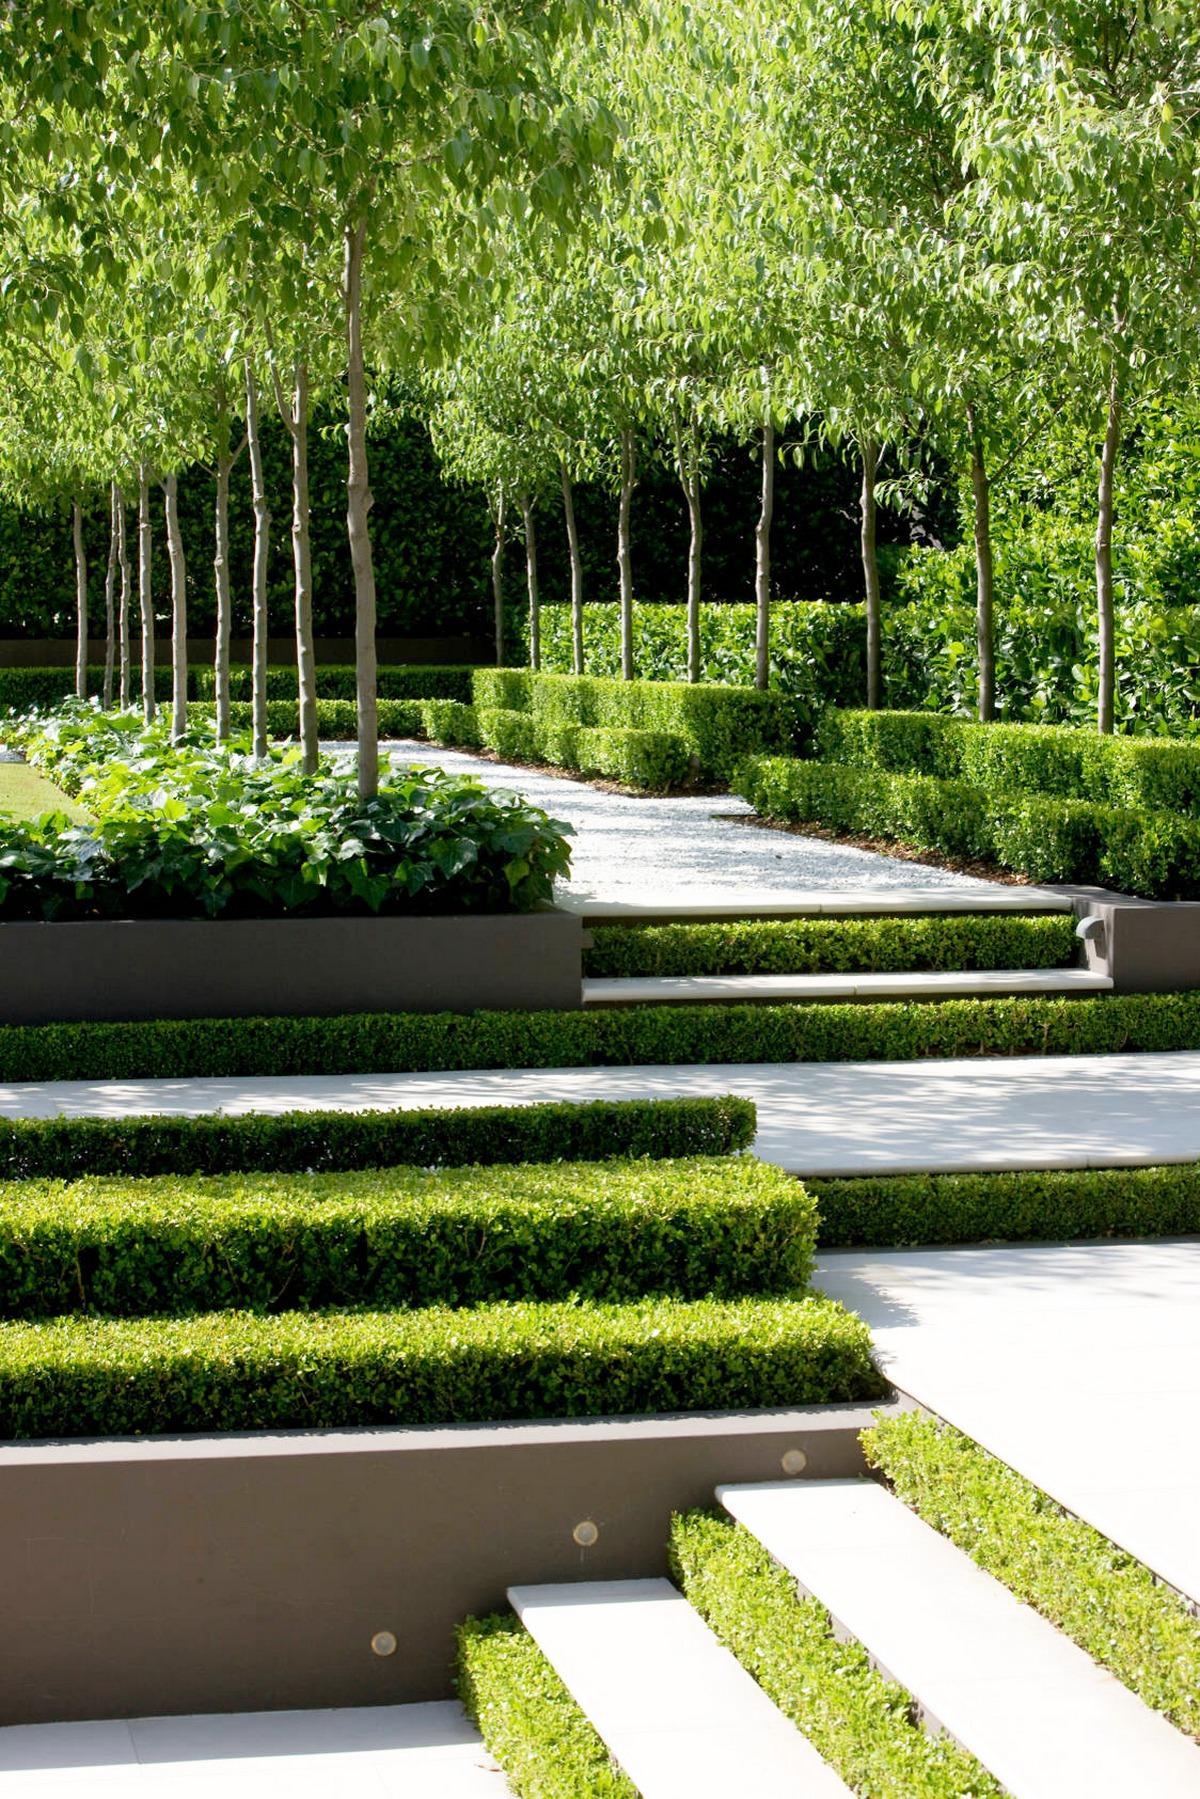 ландшафтный дизайн садового участка 6 соток ступени регулярный стиль